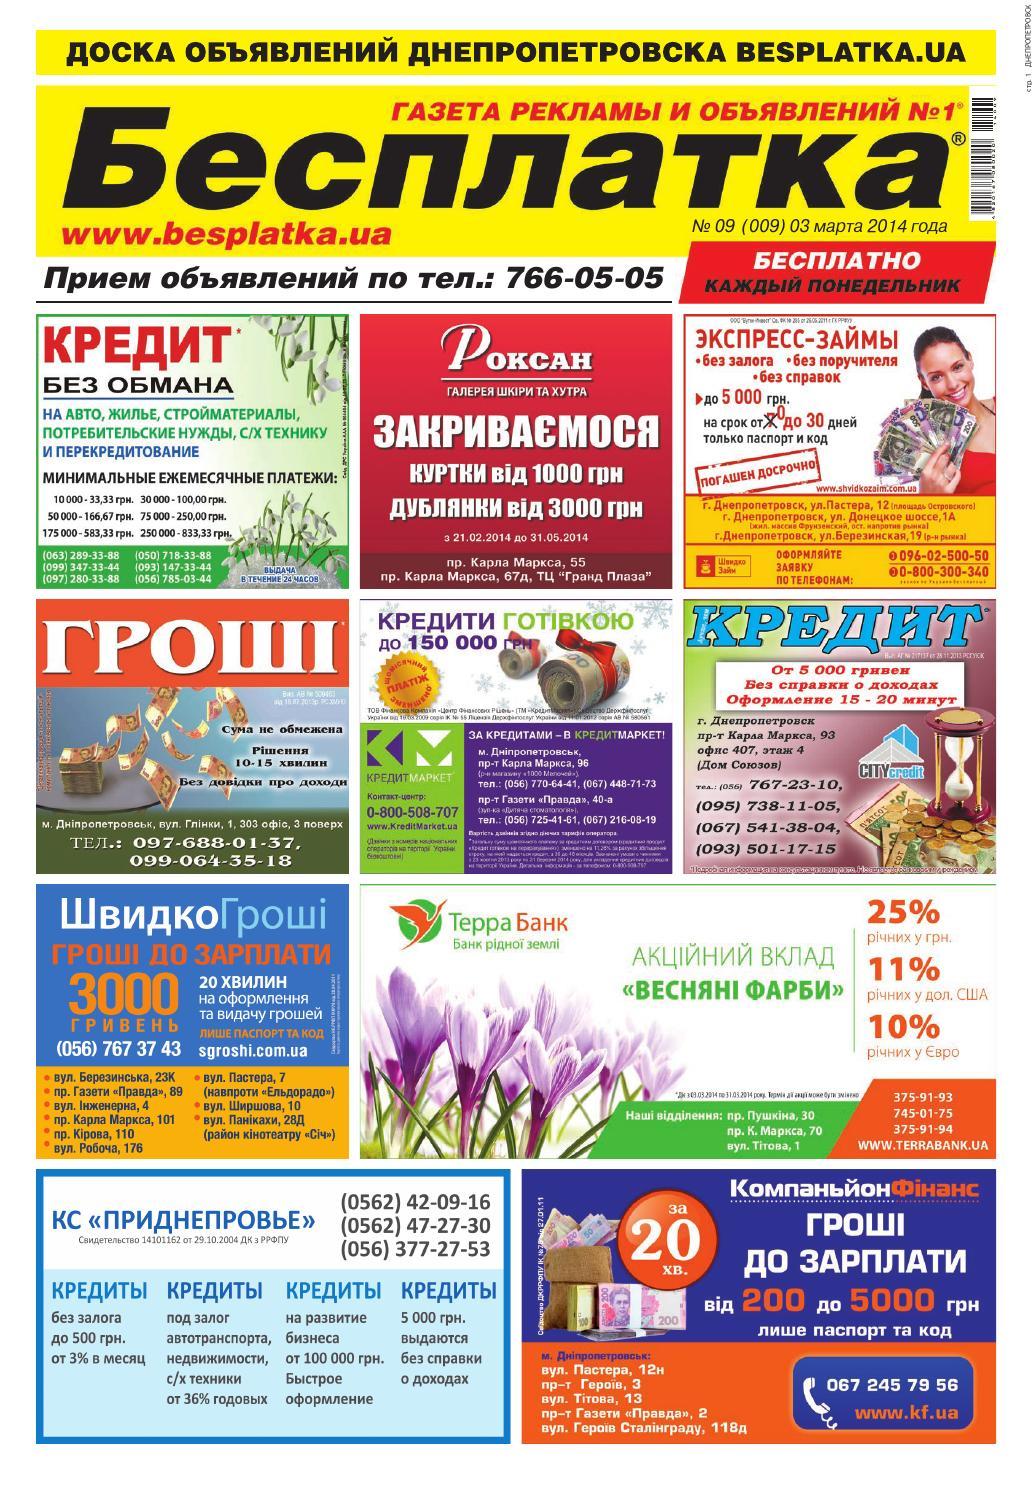 Работа в пушкине свежие вакансии 2014 мойщица посуды куплю компьютер частные объявления